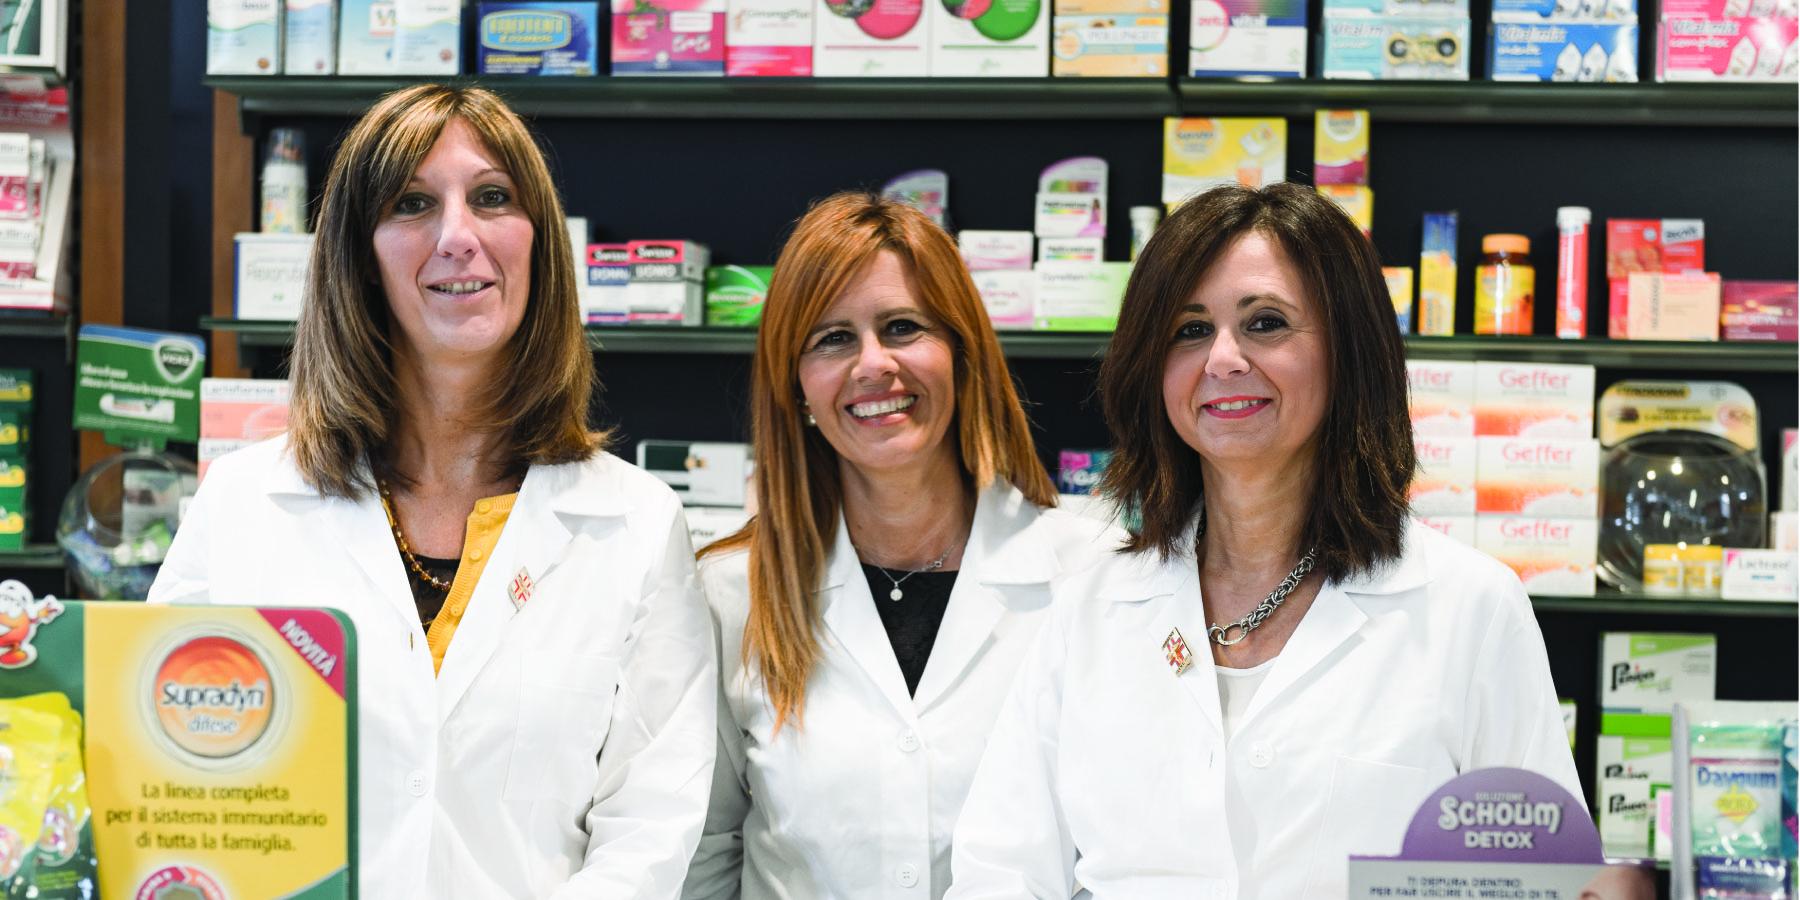 La tua Farmacia al servizio della salute!